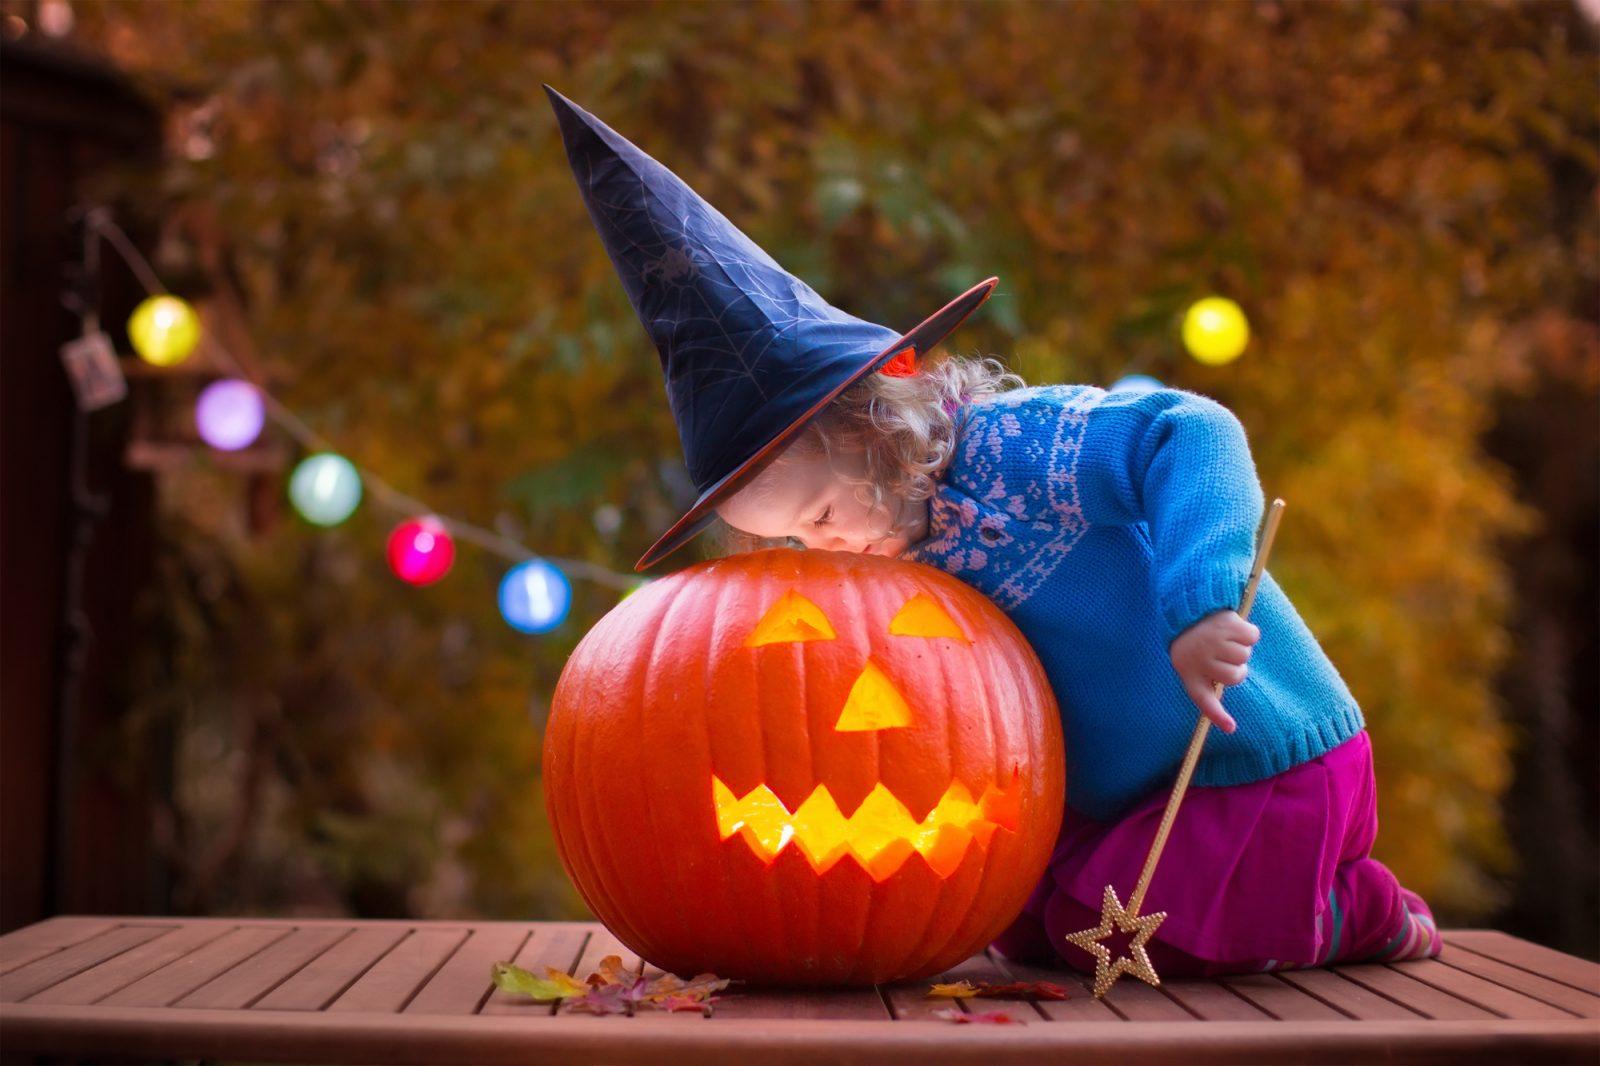 L'Halloween, c'est le 26 octobre à Dolbeau-Mistassini